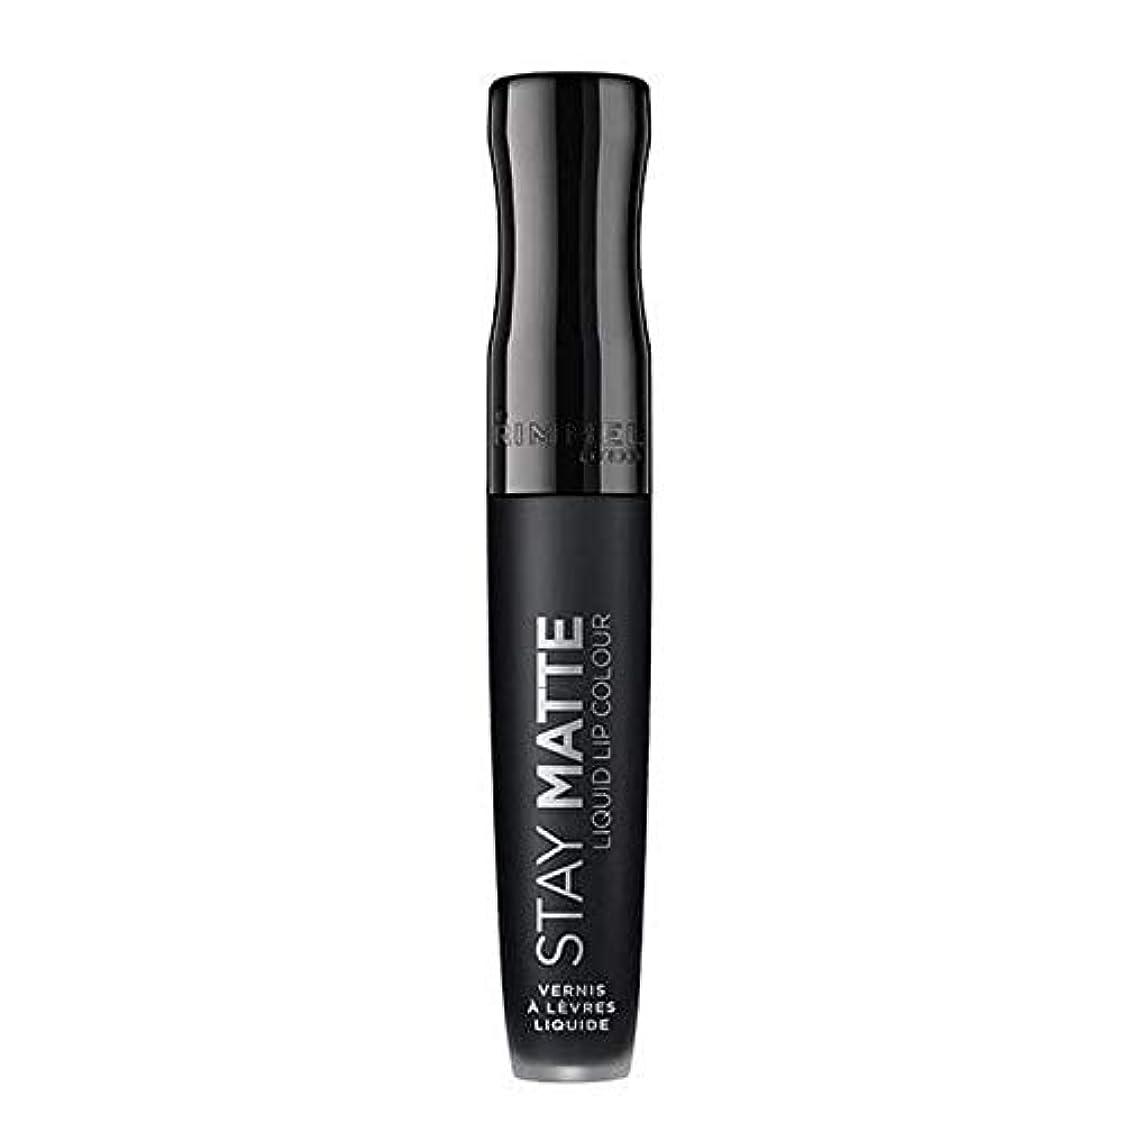 ラバ誇大妄想聖歌[Rimmel ] リンメルステイマット液状口紅ピッチ黒840 - Rimmel Stay Matte Liquid Lipstick Pitch Black 840 [並行輸入品]